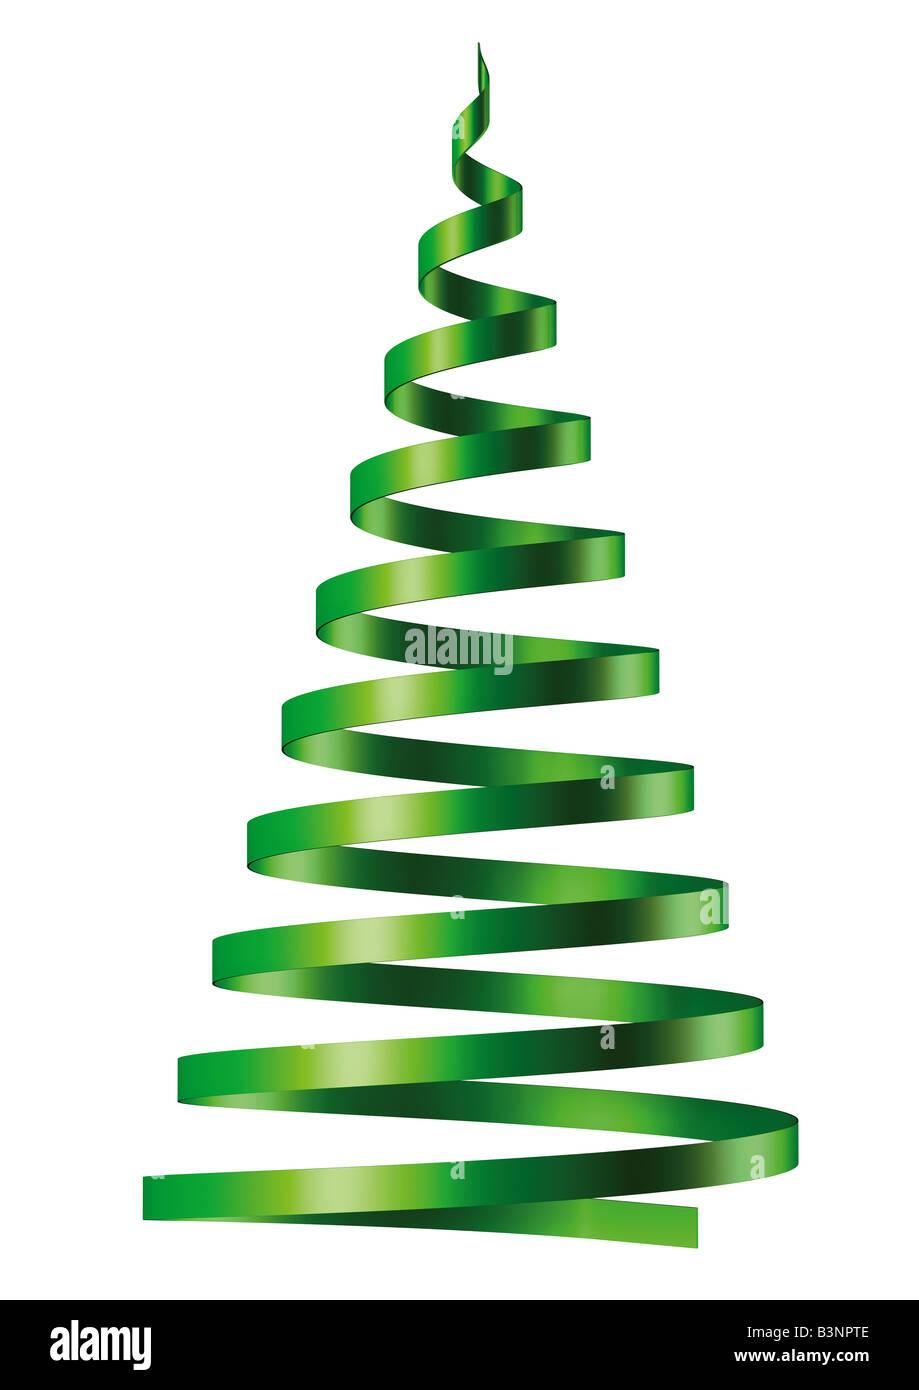 Foto Weihnachtsbaum.Christmas Tree Christbaum Weihnachtsbaum Stock Photo